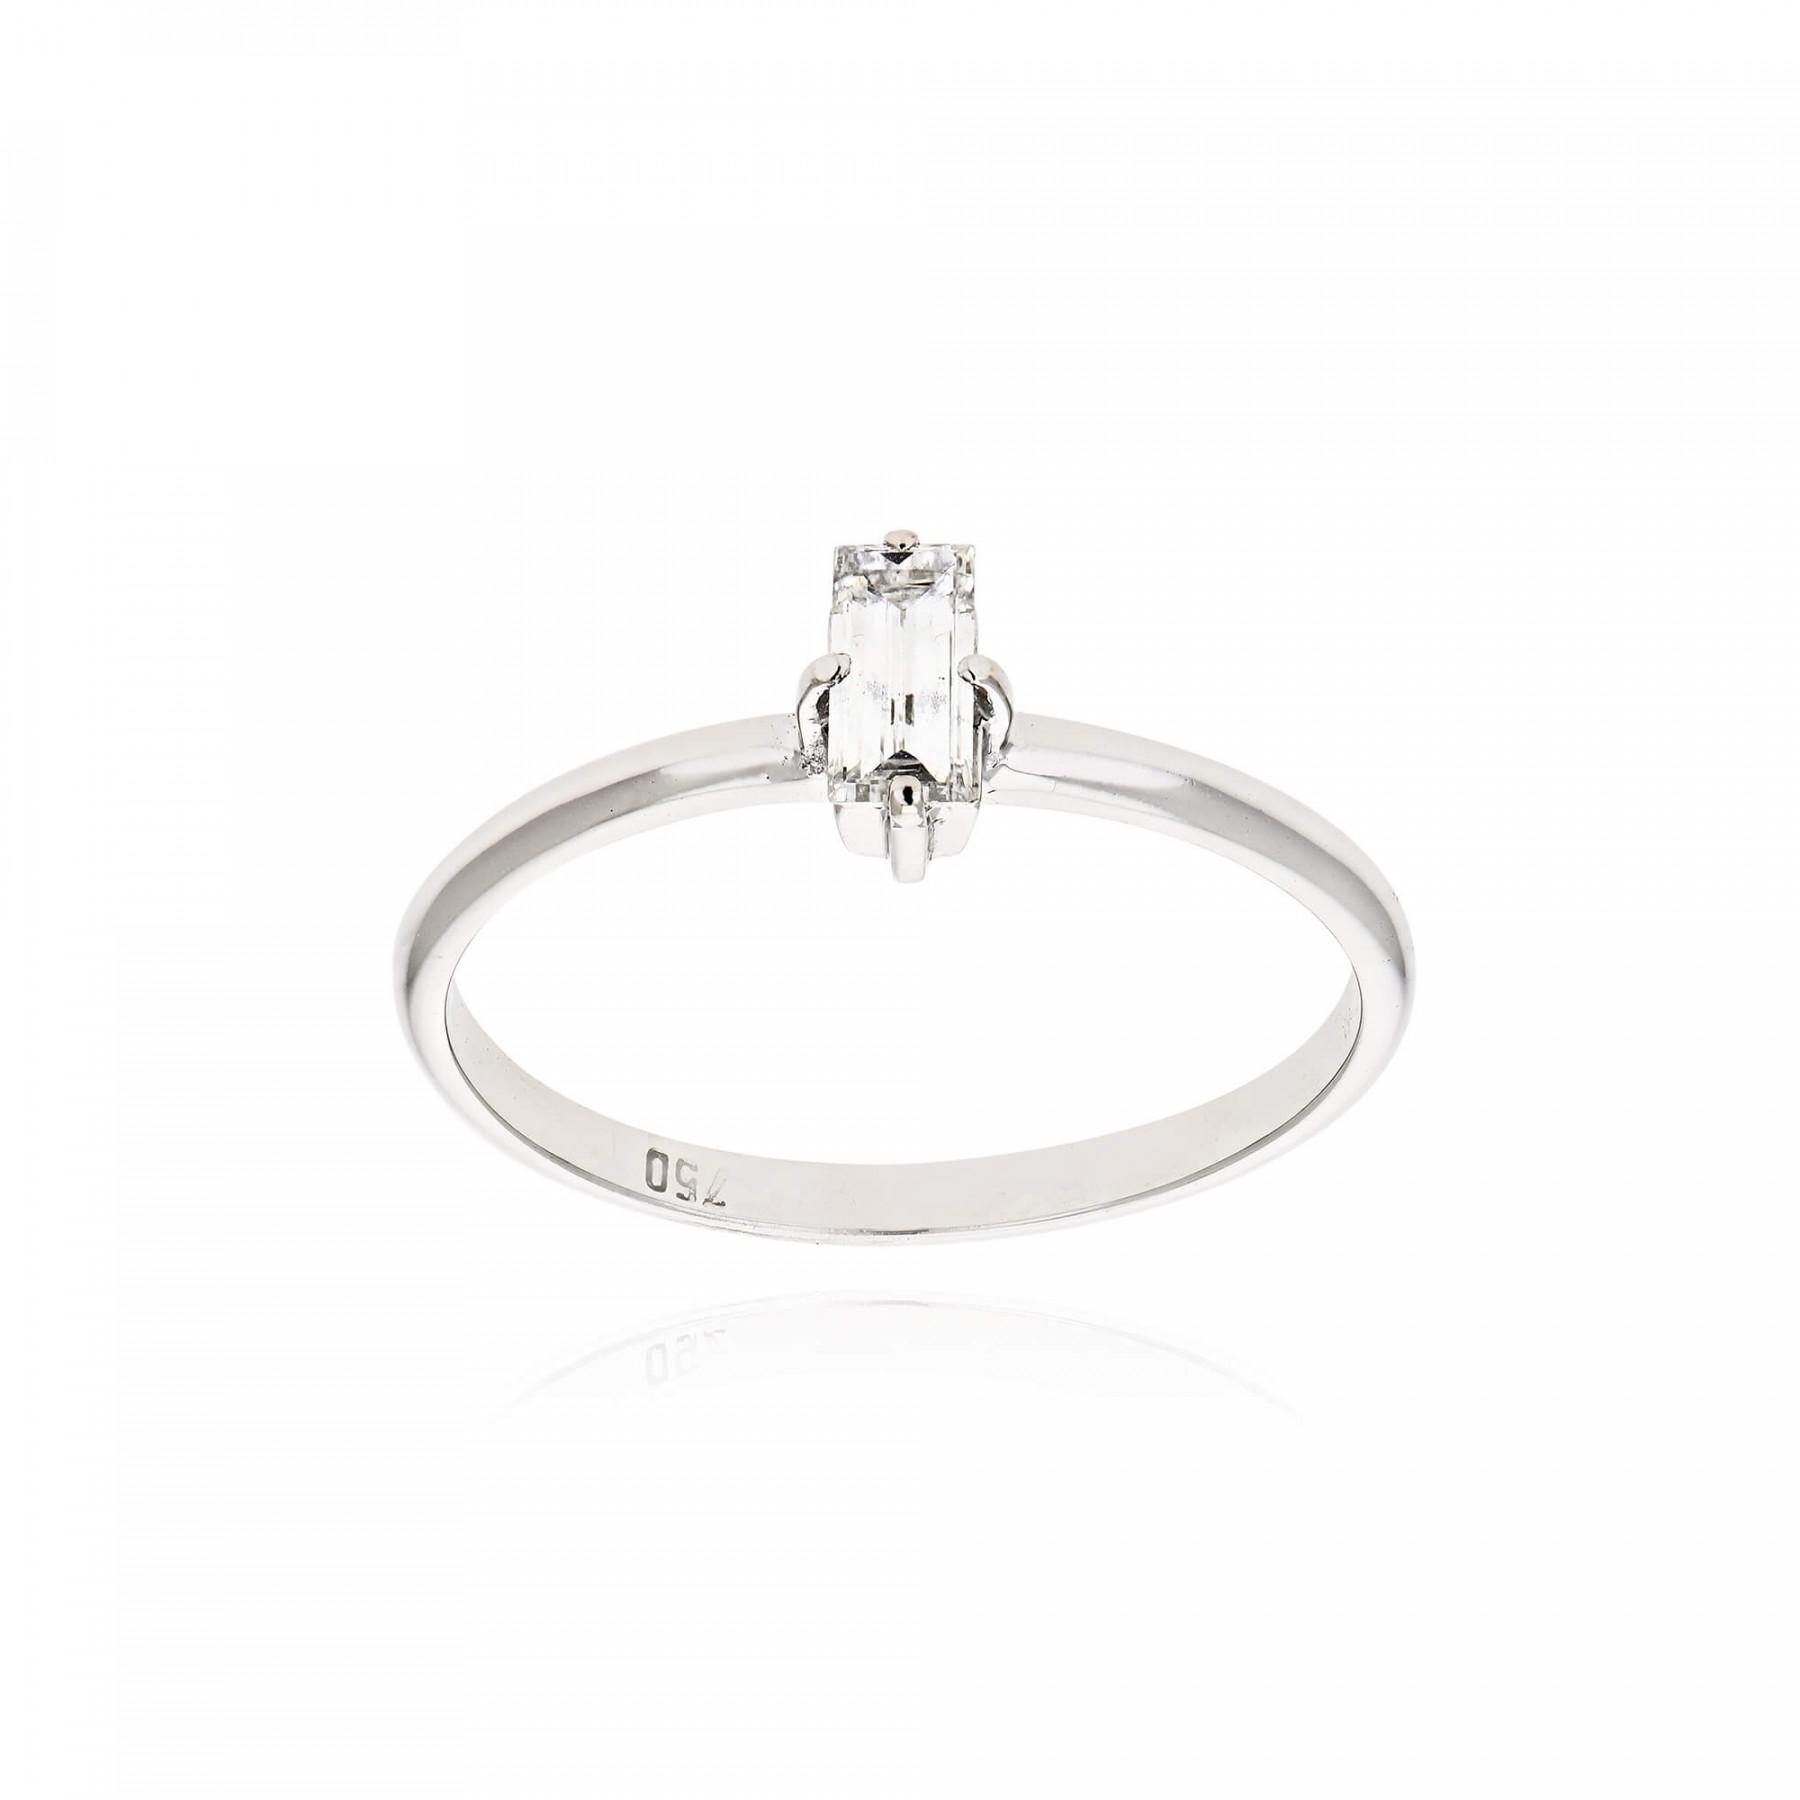 Πως να διαλέξετε σωστά τα δαχτυλίδια του γάμου σας by Skaras Jewels